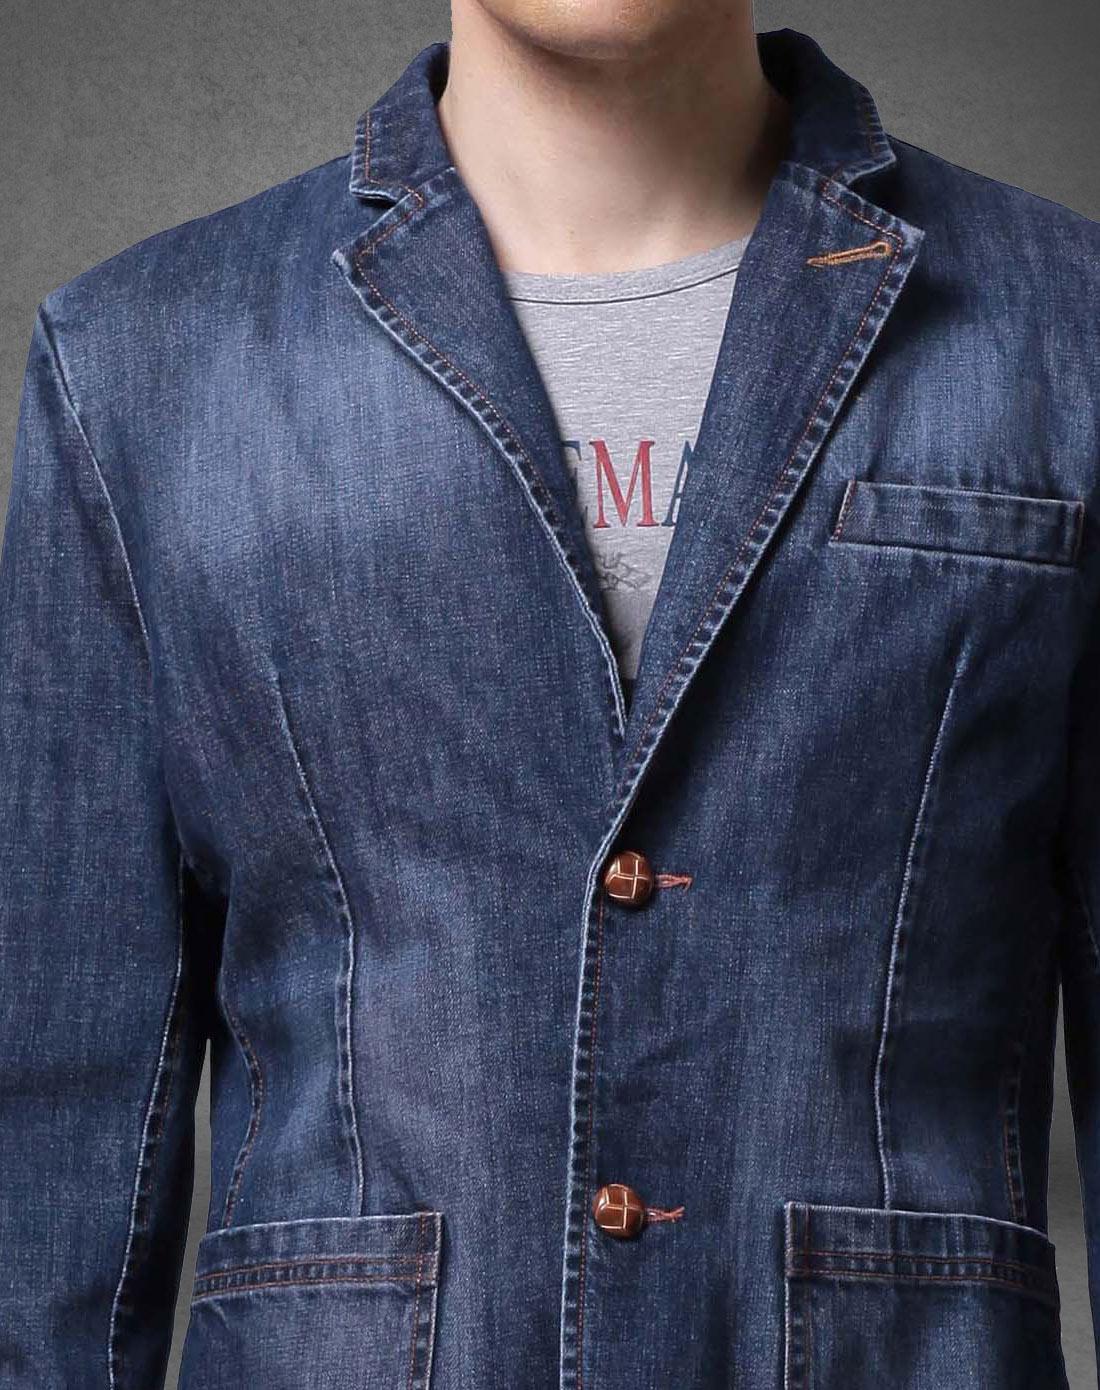 迪尔61马奇男士蓝色时尚复古修身牛仔西装外套m图片